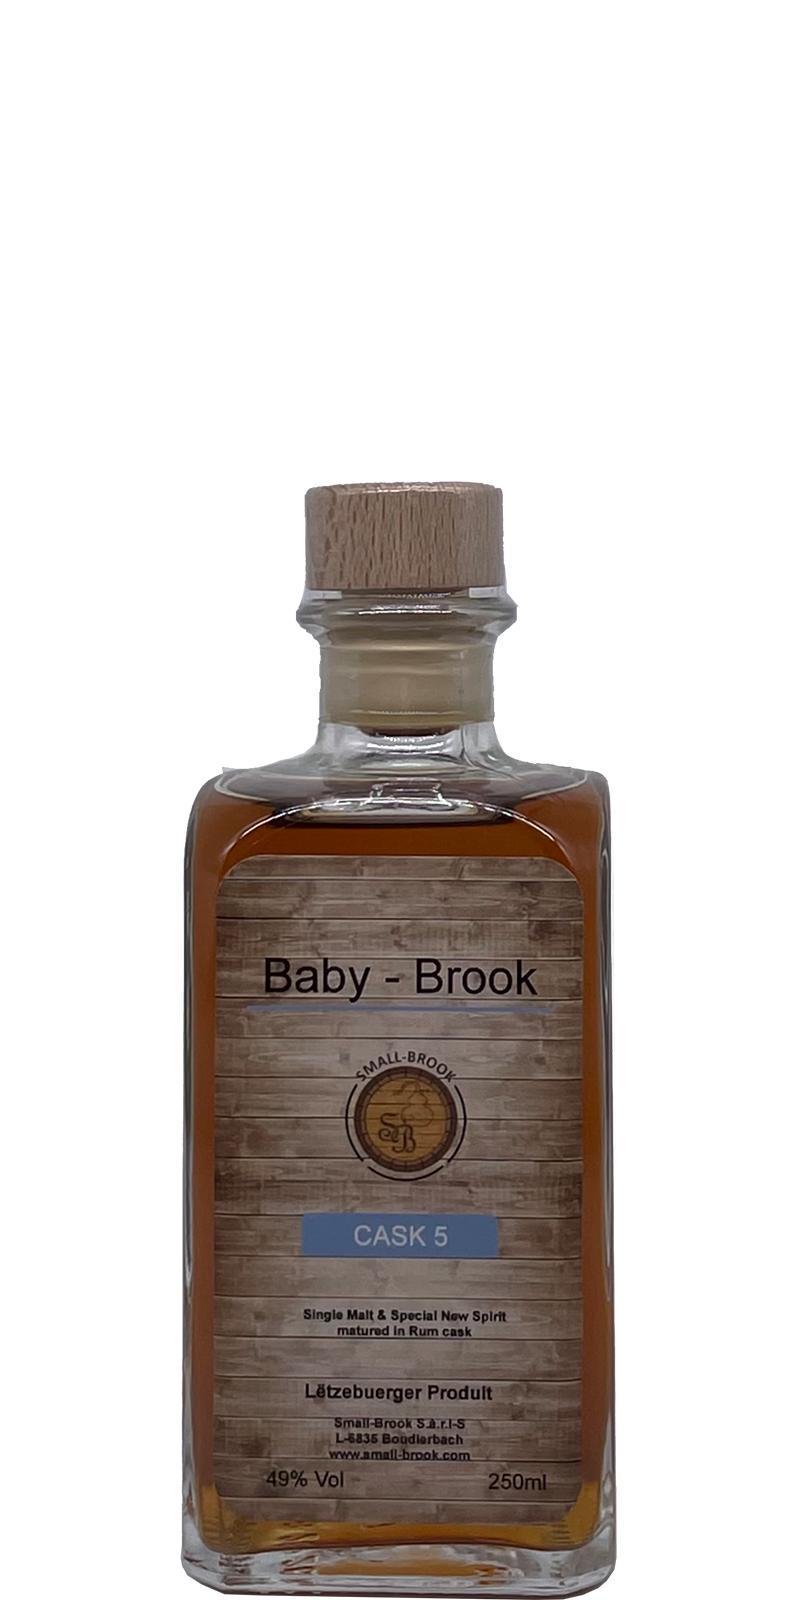 Baby - Brook Cask 5